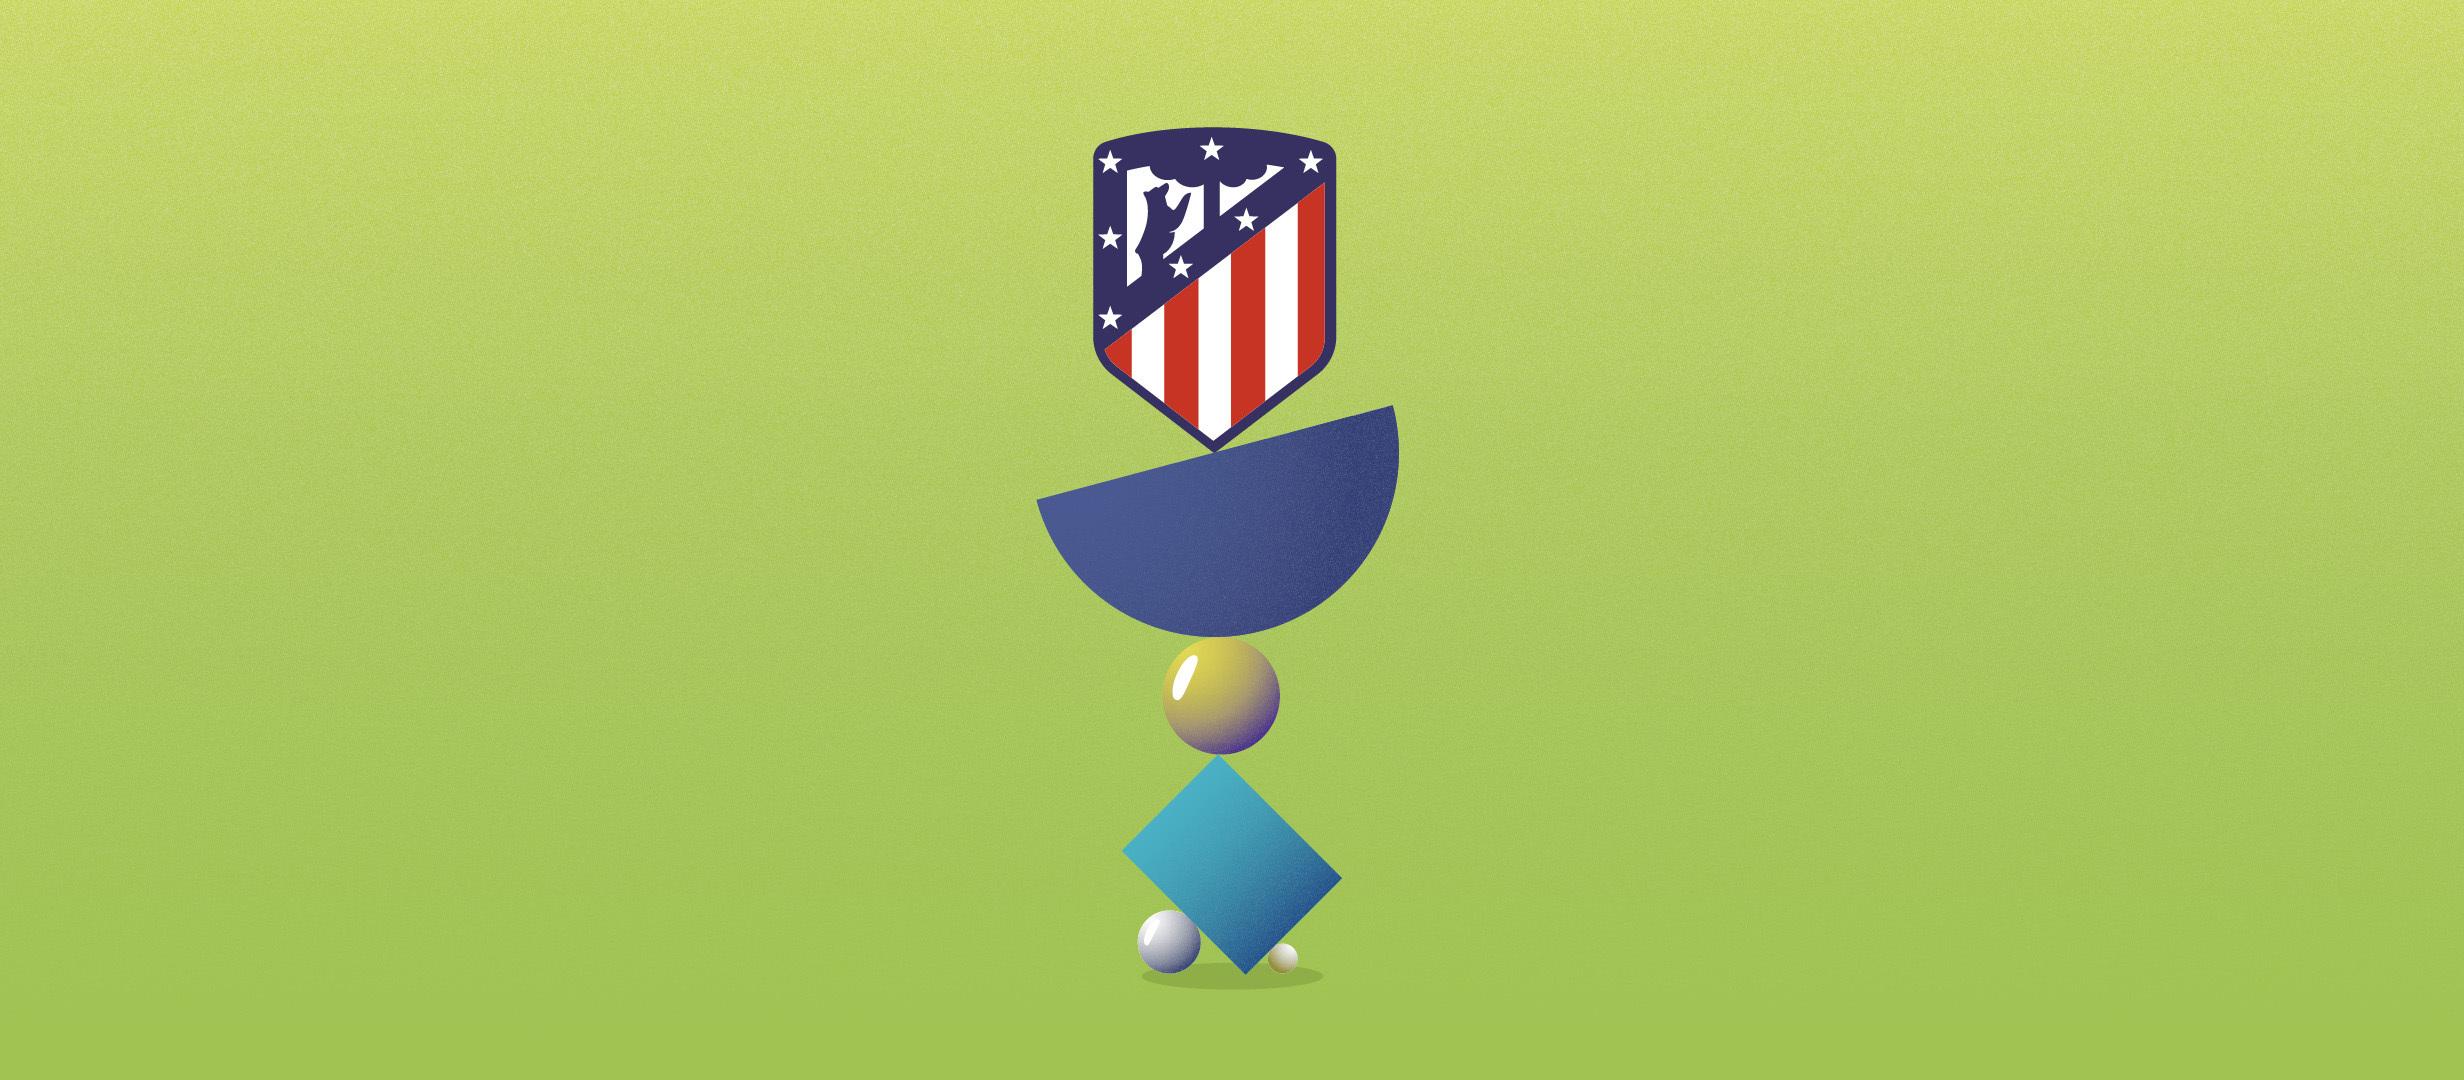 «Атлетико» — самый стабильный клуб Ла Лиги: Симеоне защитит титул и поборется за ЛЧ